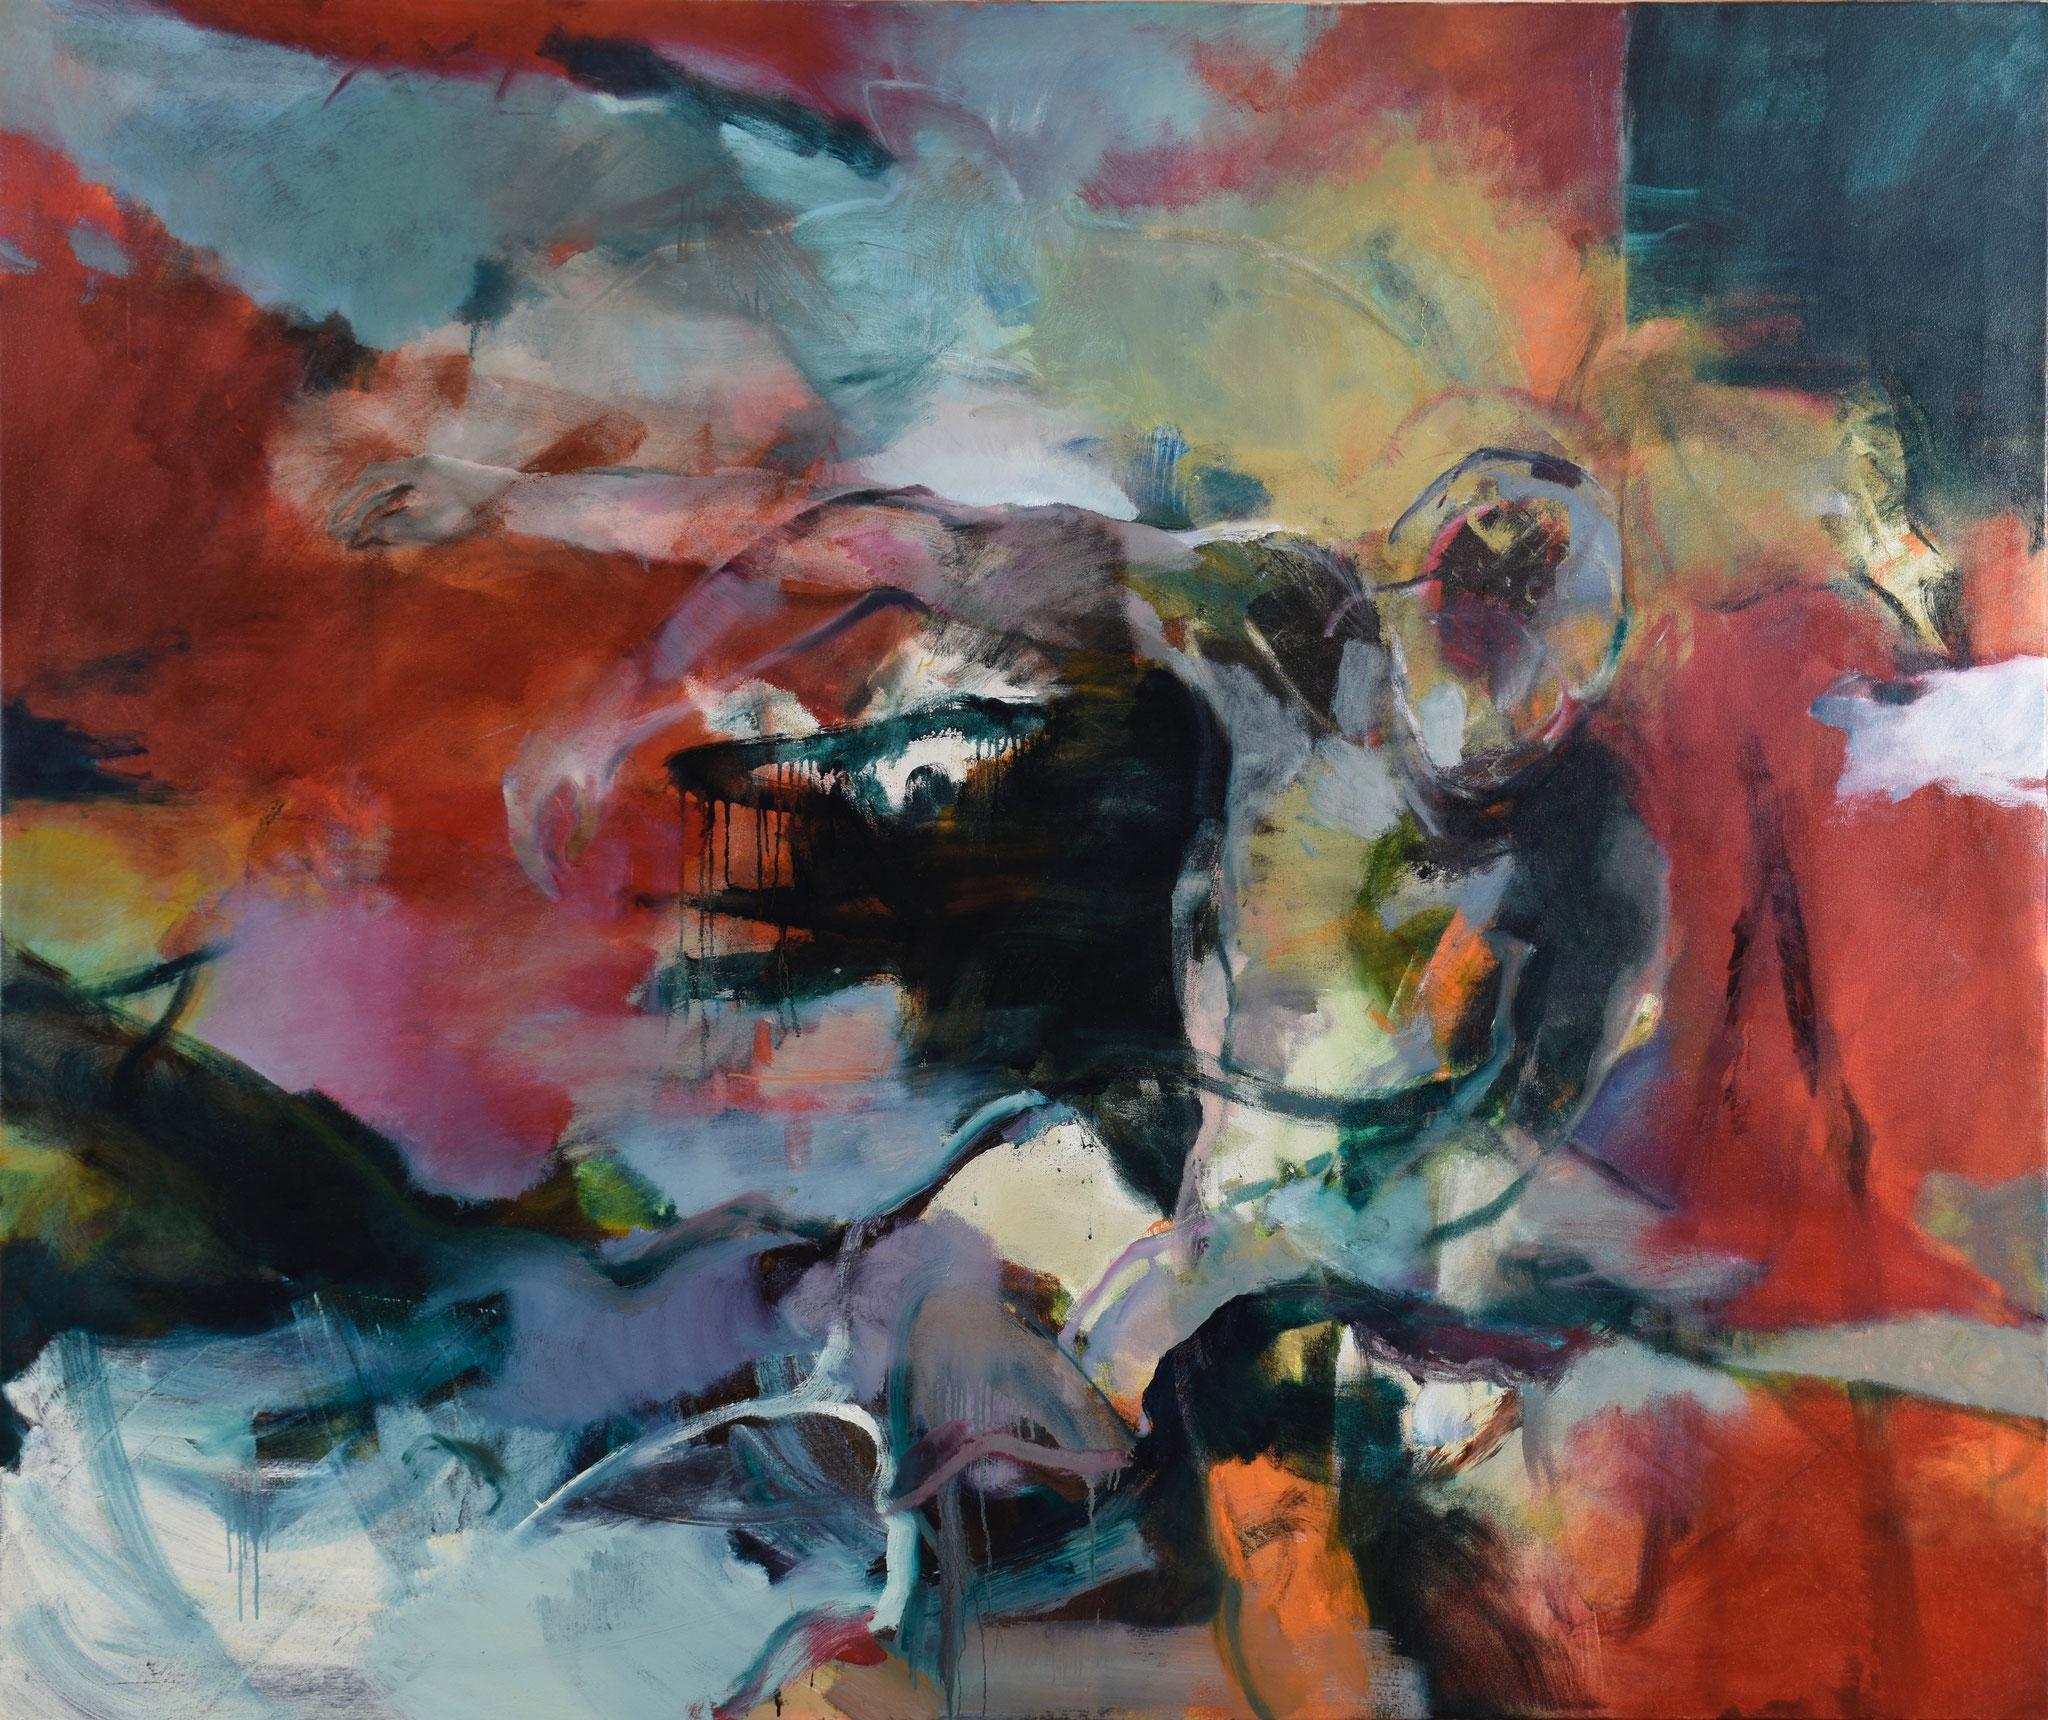 82  |  Ohne Titel  |  2020  |  Öl auf Leinwand  |  160 x 200 cm